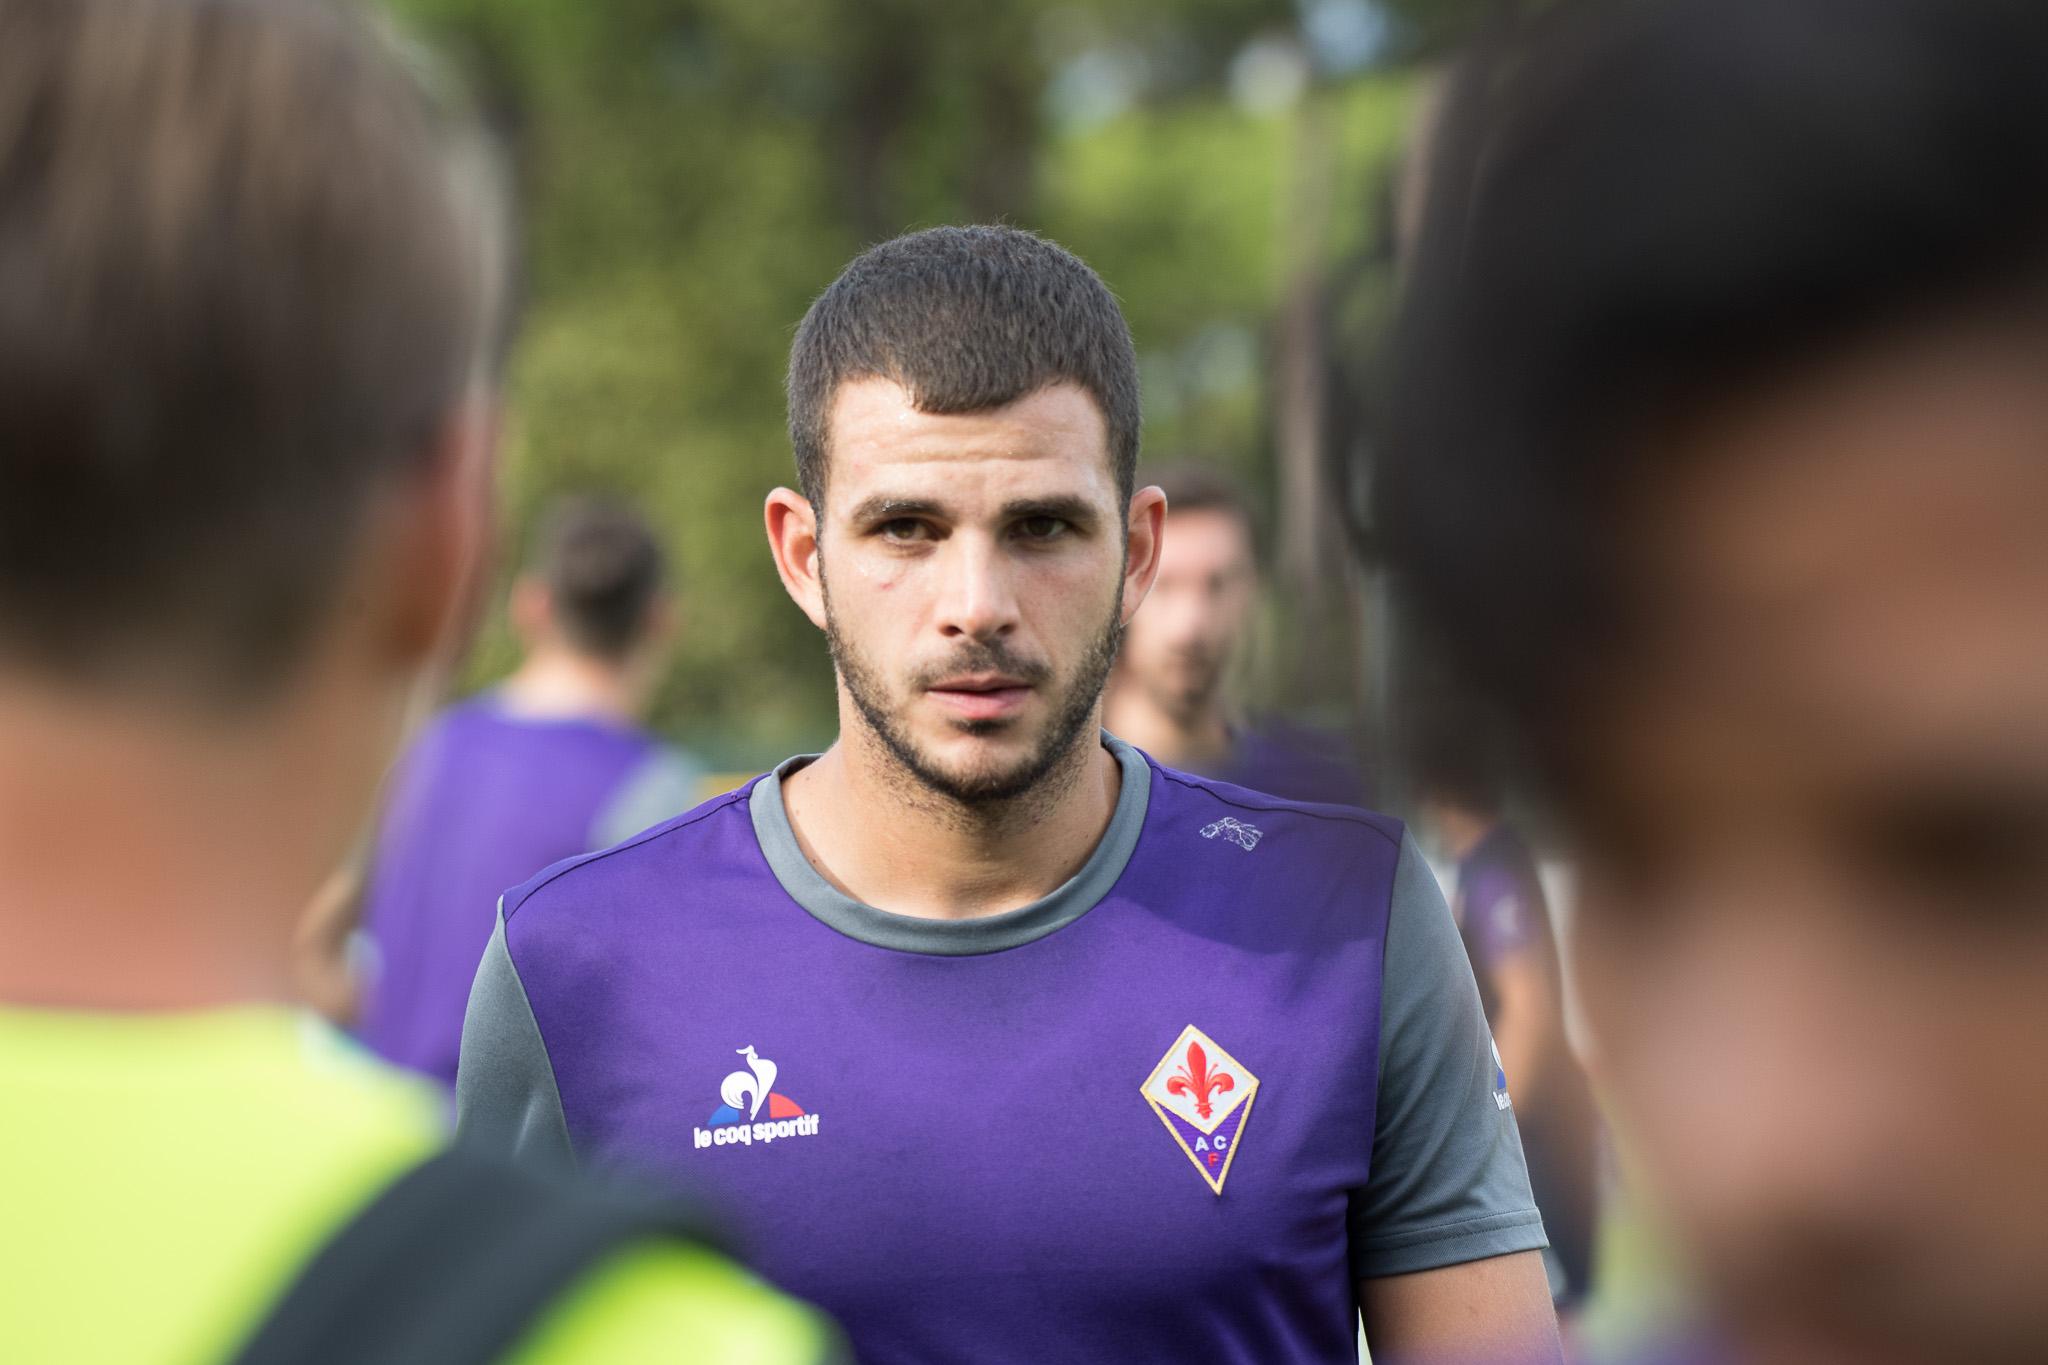 Pioli studia il cambiamento sulla trequarti, fuori Benassi e dentro Eysseric trequartista contro l'Udinese